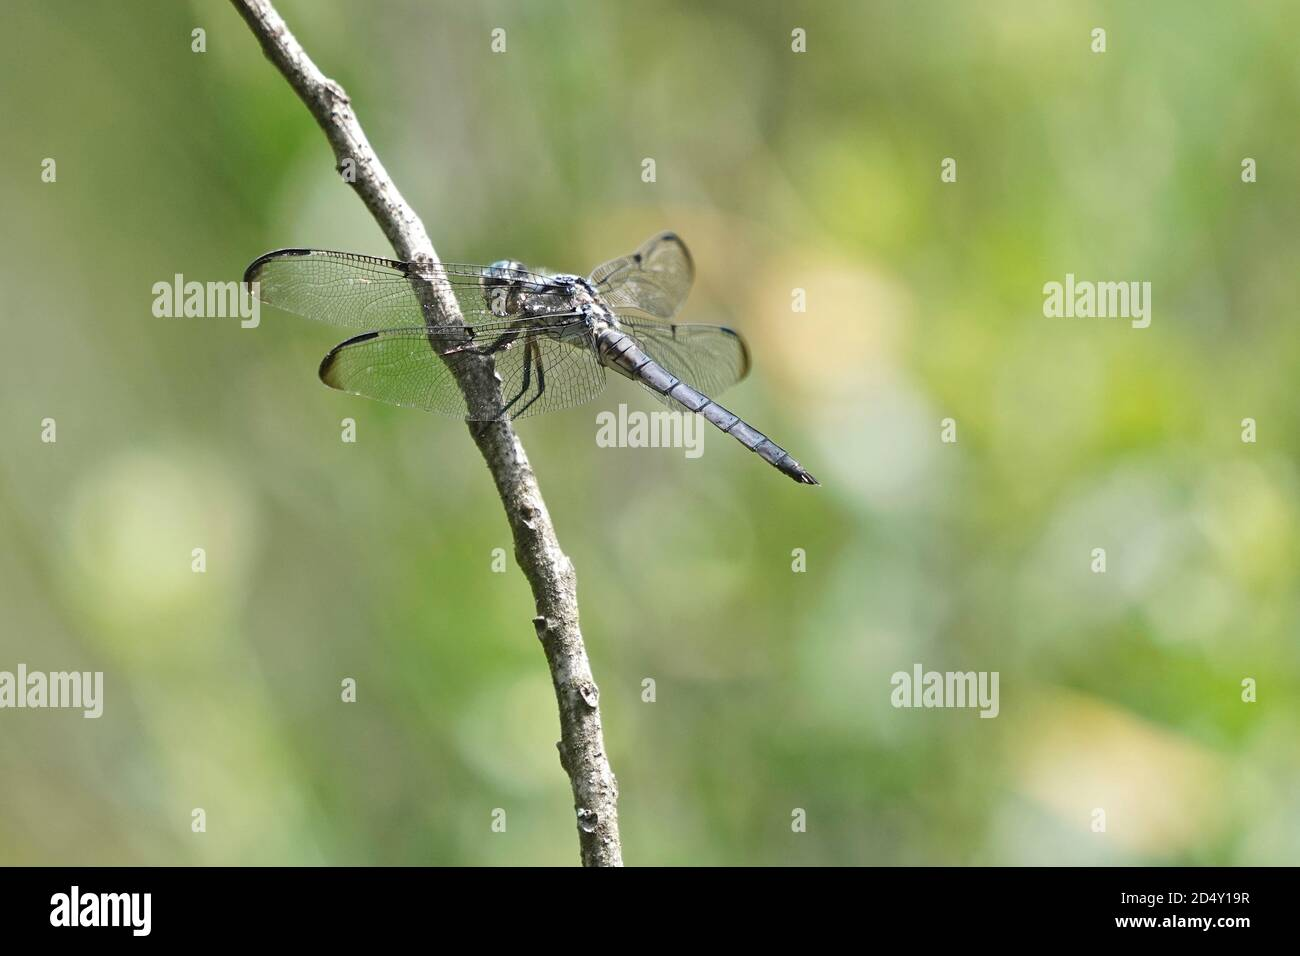 Libelle auf einem Pflanzenstamm. Stockfoto